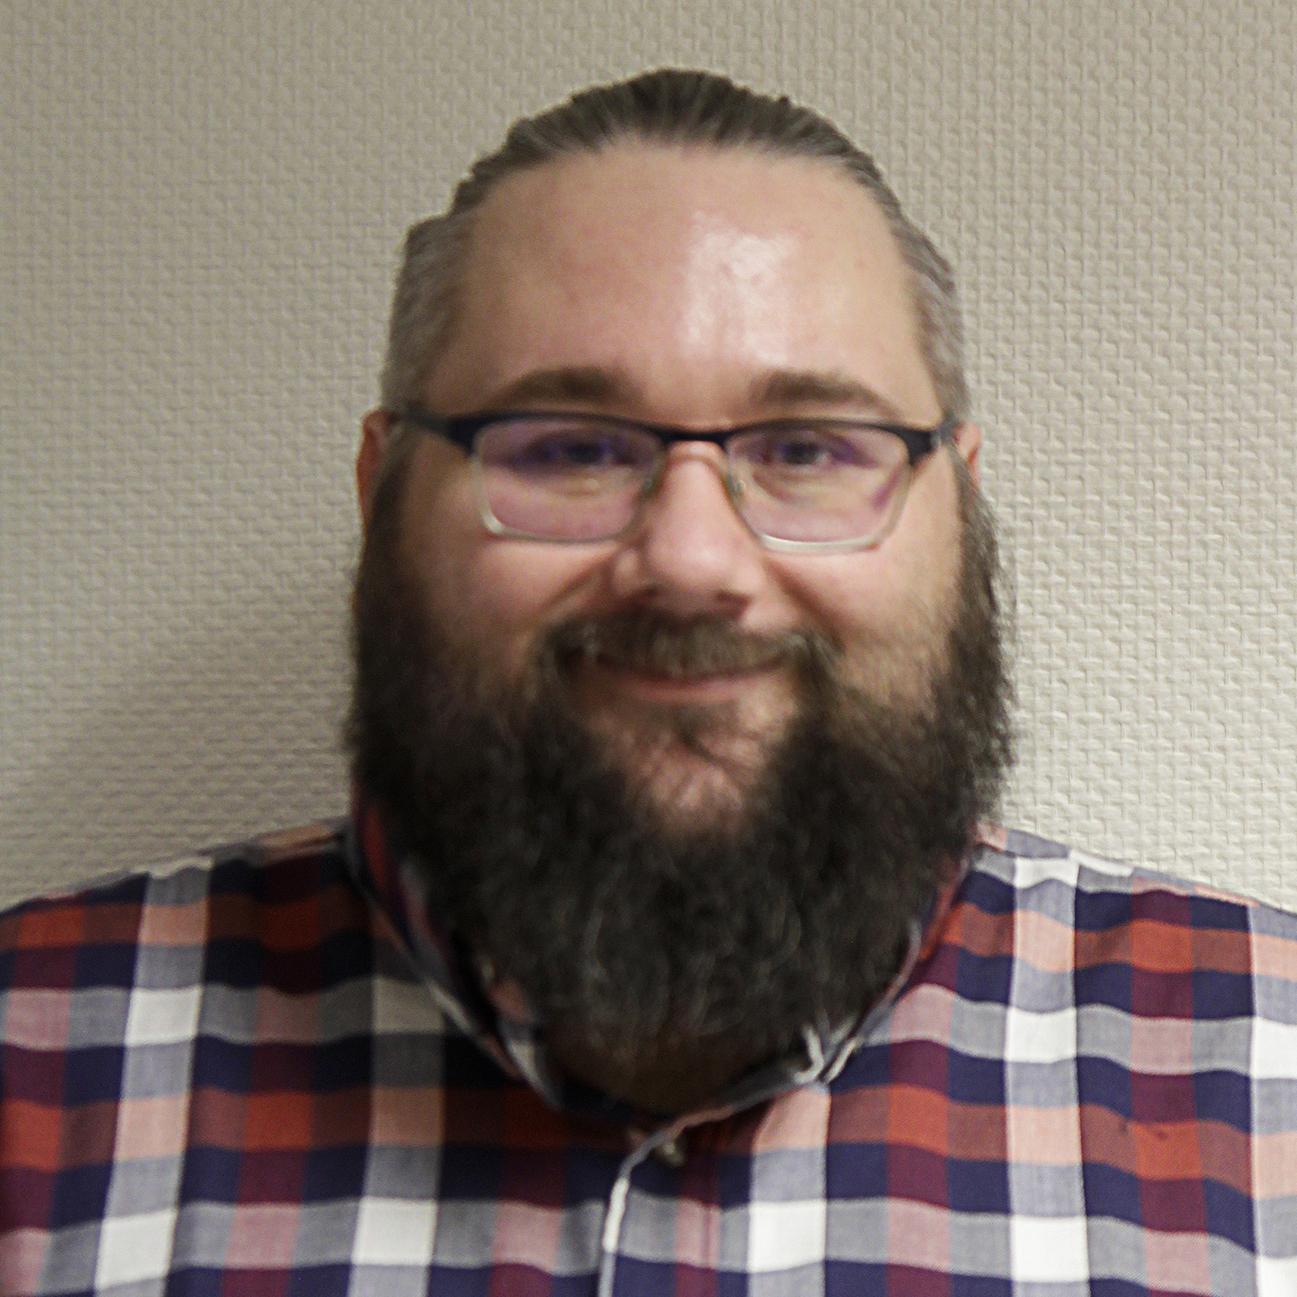 Tristan Humelhans